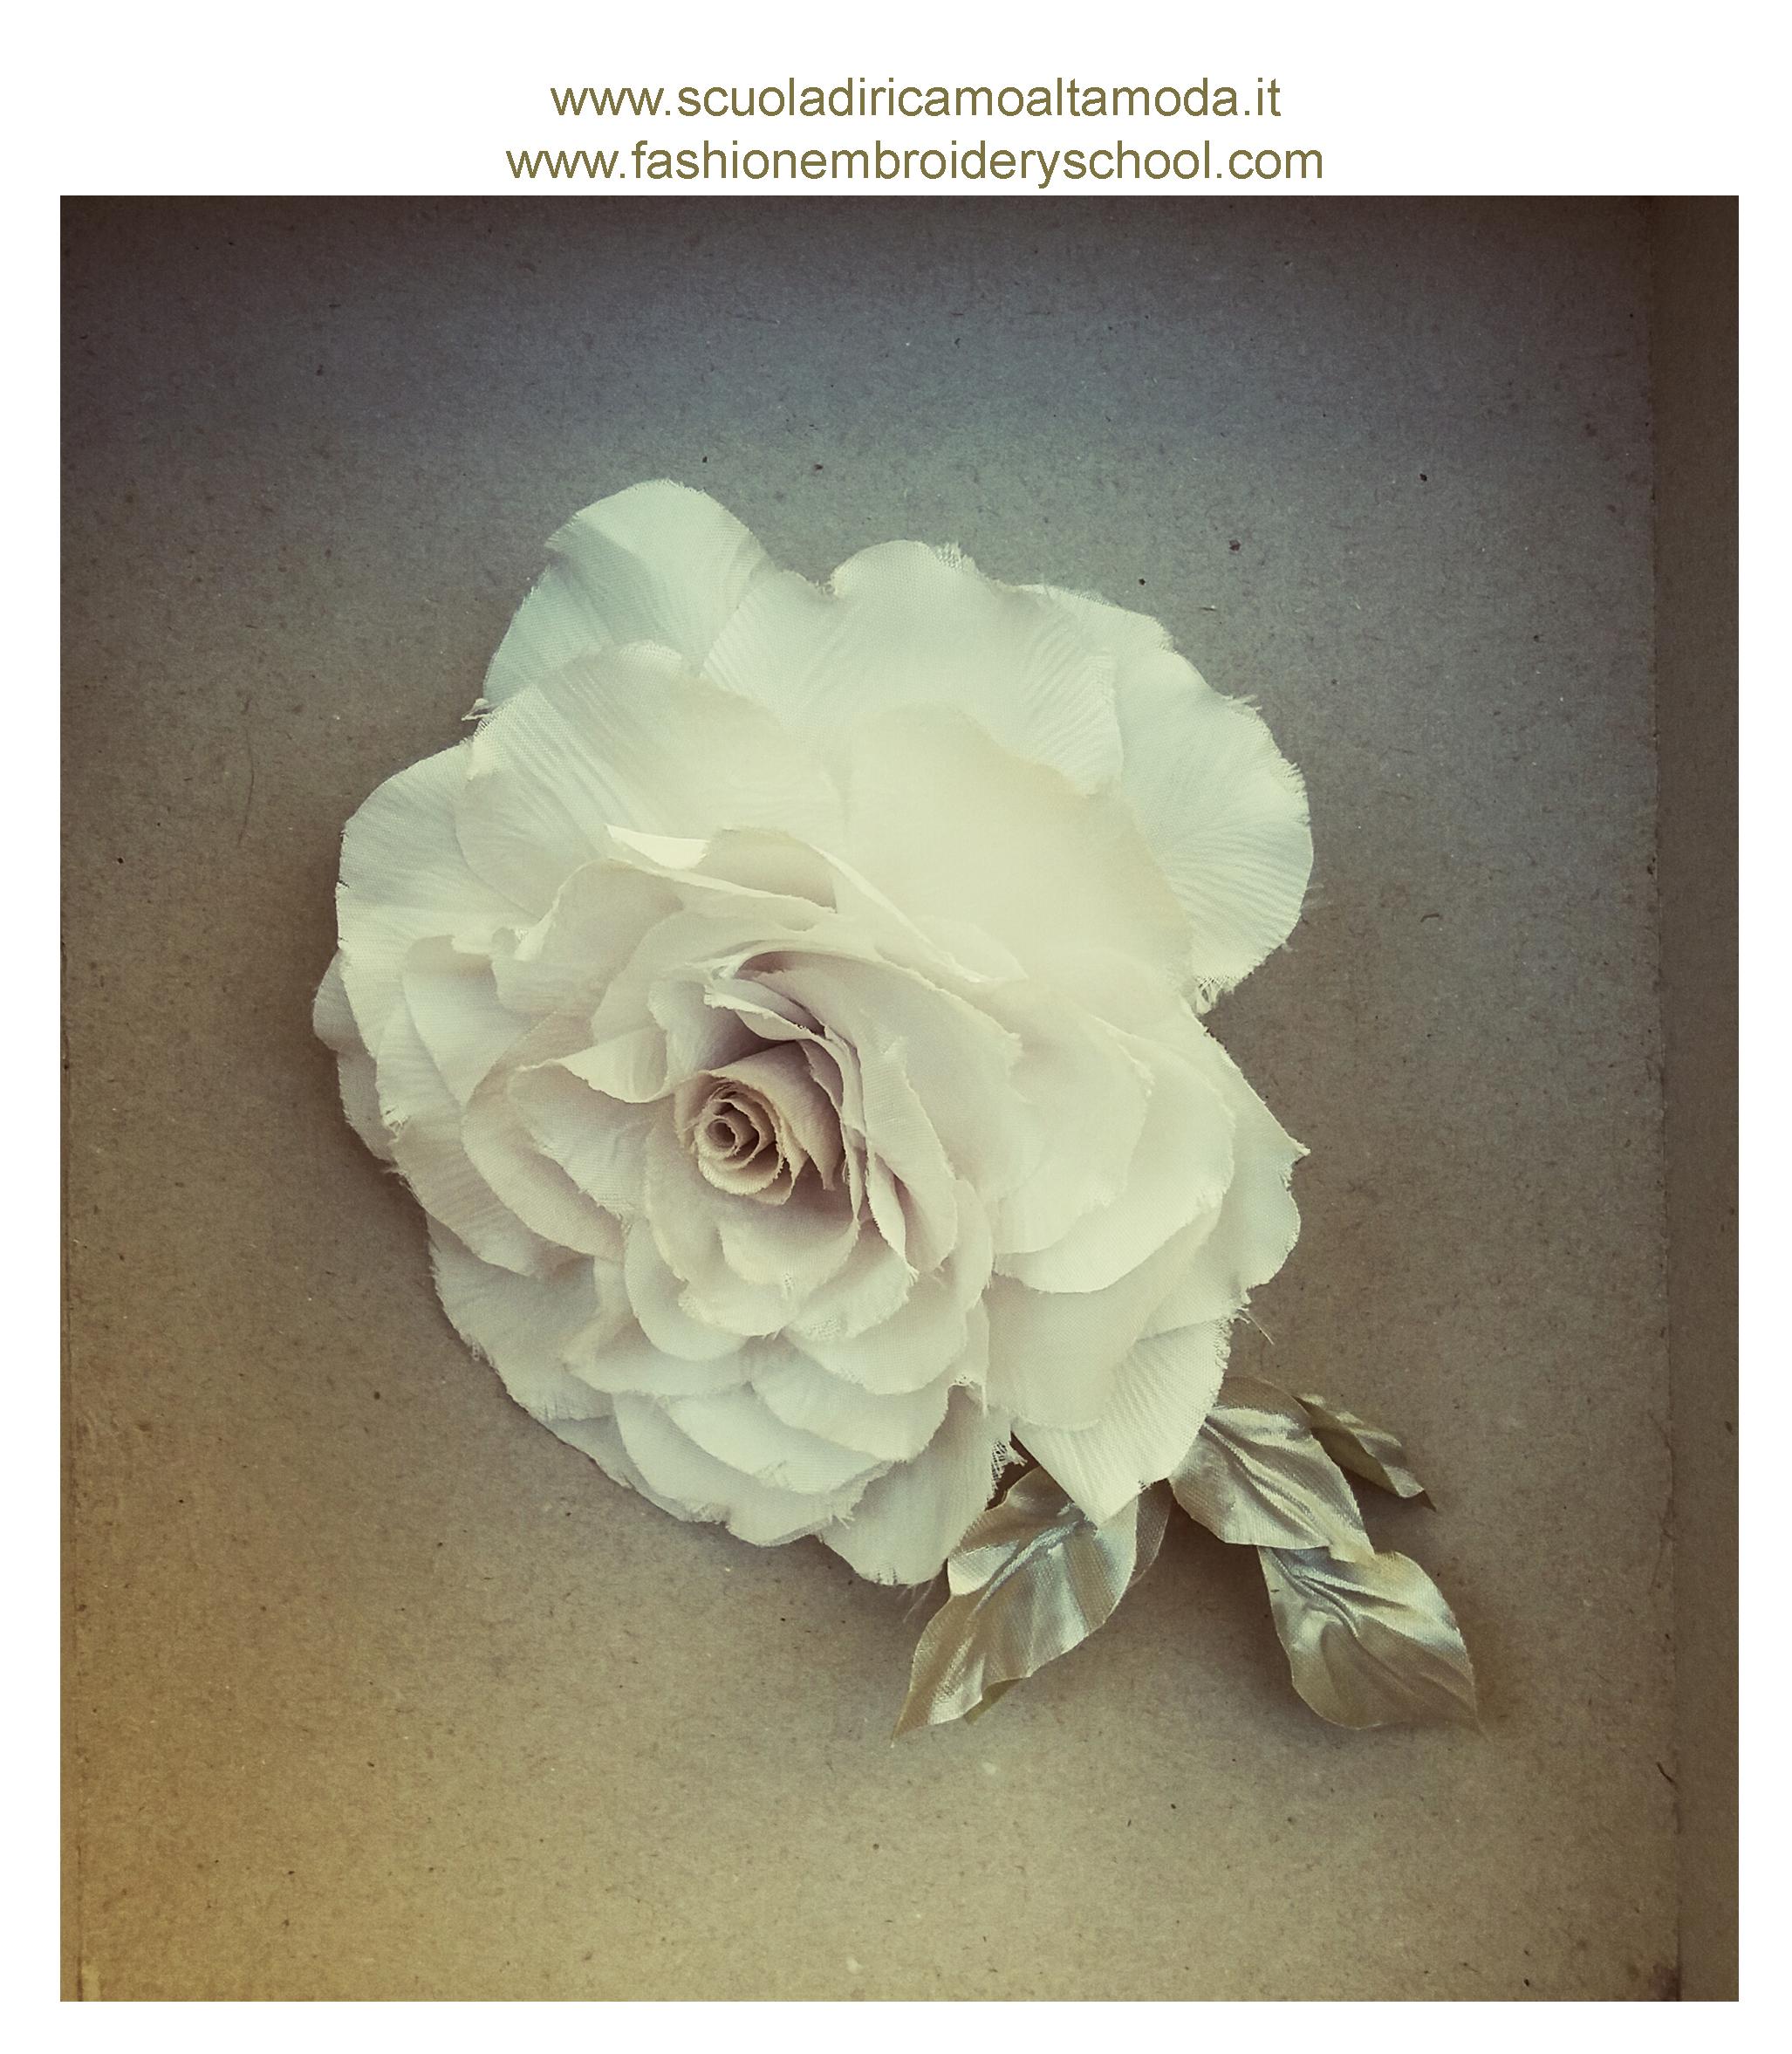 Corso fiori in seta per  la sposa